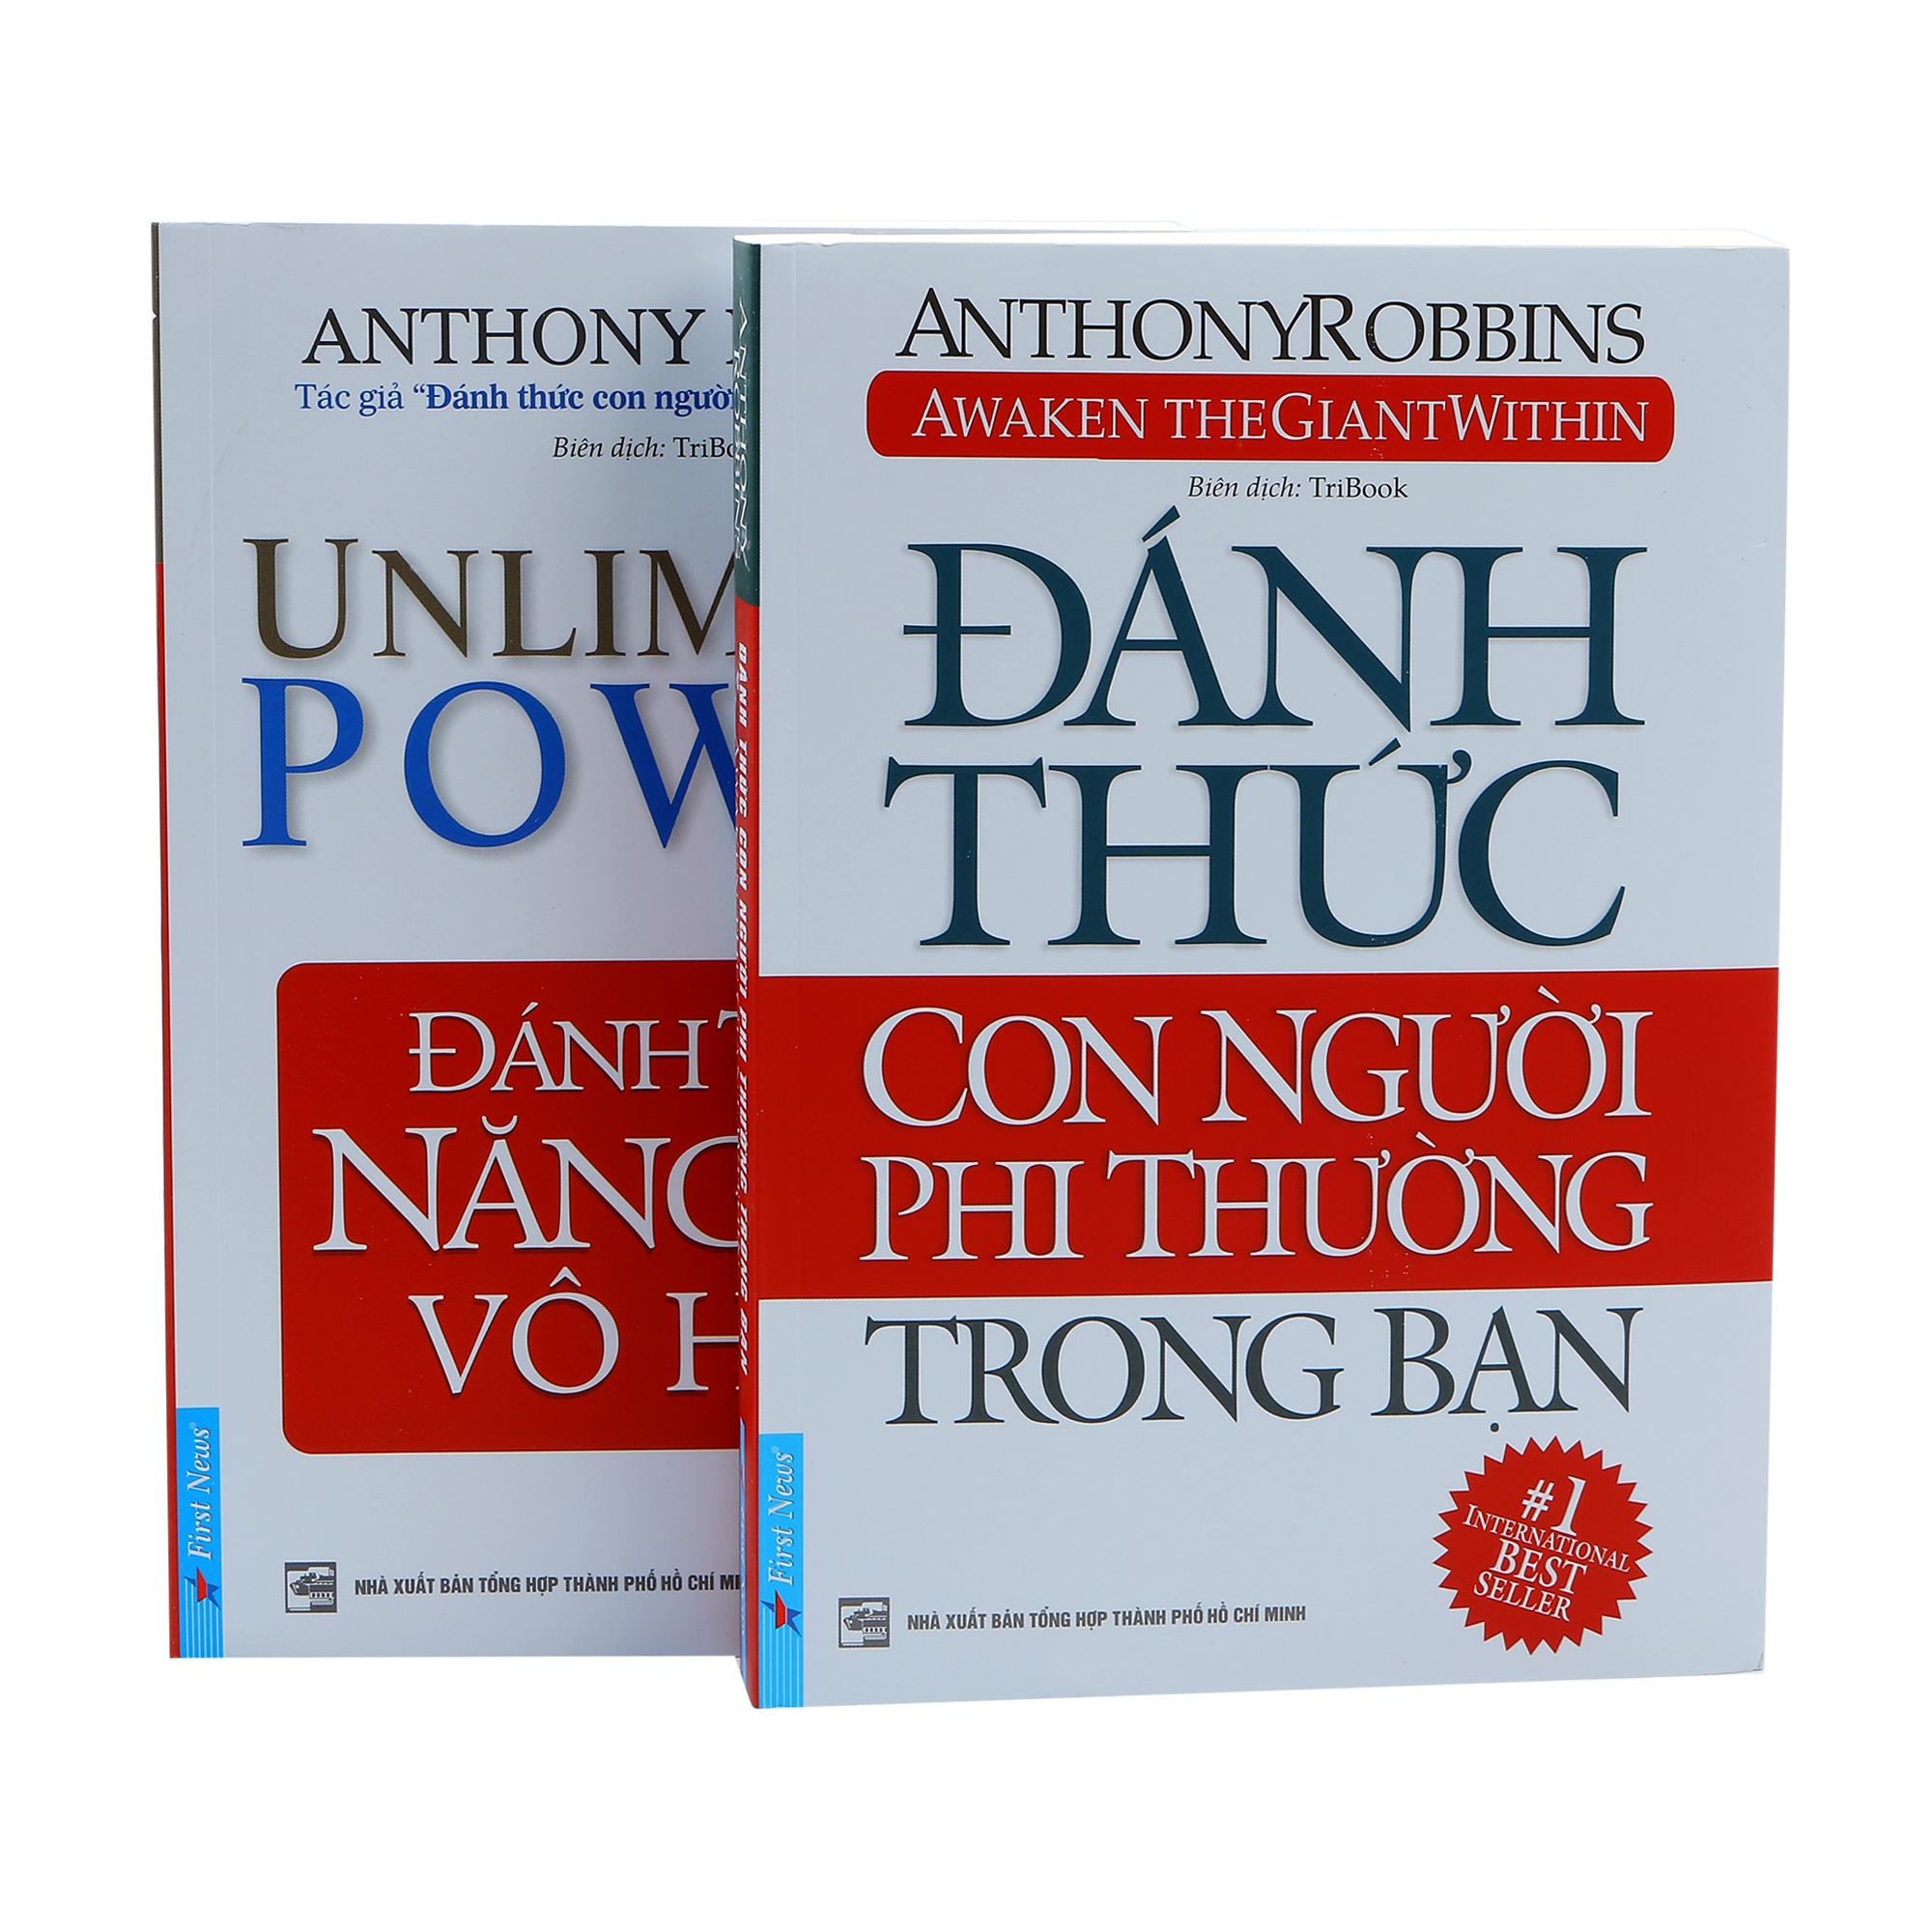 Combo Đánh Thức Con Người Phi Thường Trong Bạn + Đánh Thức Năng Lực Vô Hạn - 6119007020790,62_9871819,196000,tiki.vn,Combo-Danh-Thuc-Con-Nguoi-Phi-Thuong-Trong-Ban-Danh-Thuc-Nang-Luc-Vo-Han-62_9871819,Combo Đánh Thức Con Người Phi Thường Trong Bạn + Đánh Thức Năng Lực Vô Hạn